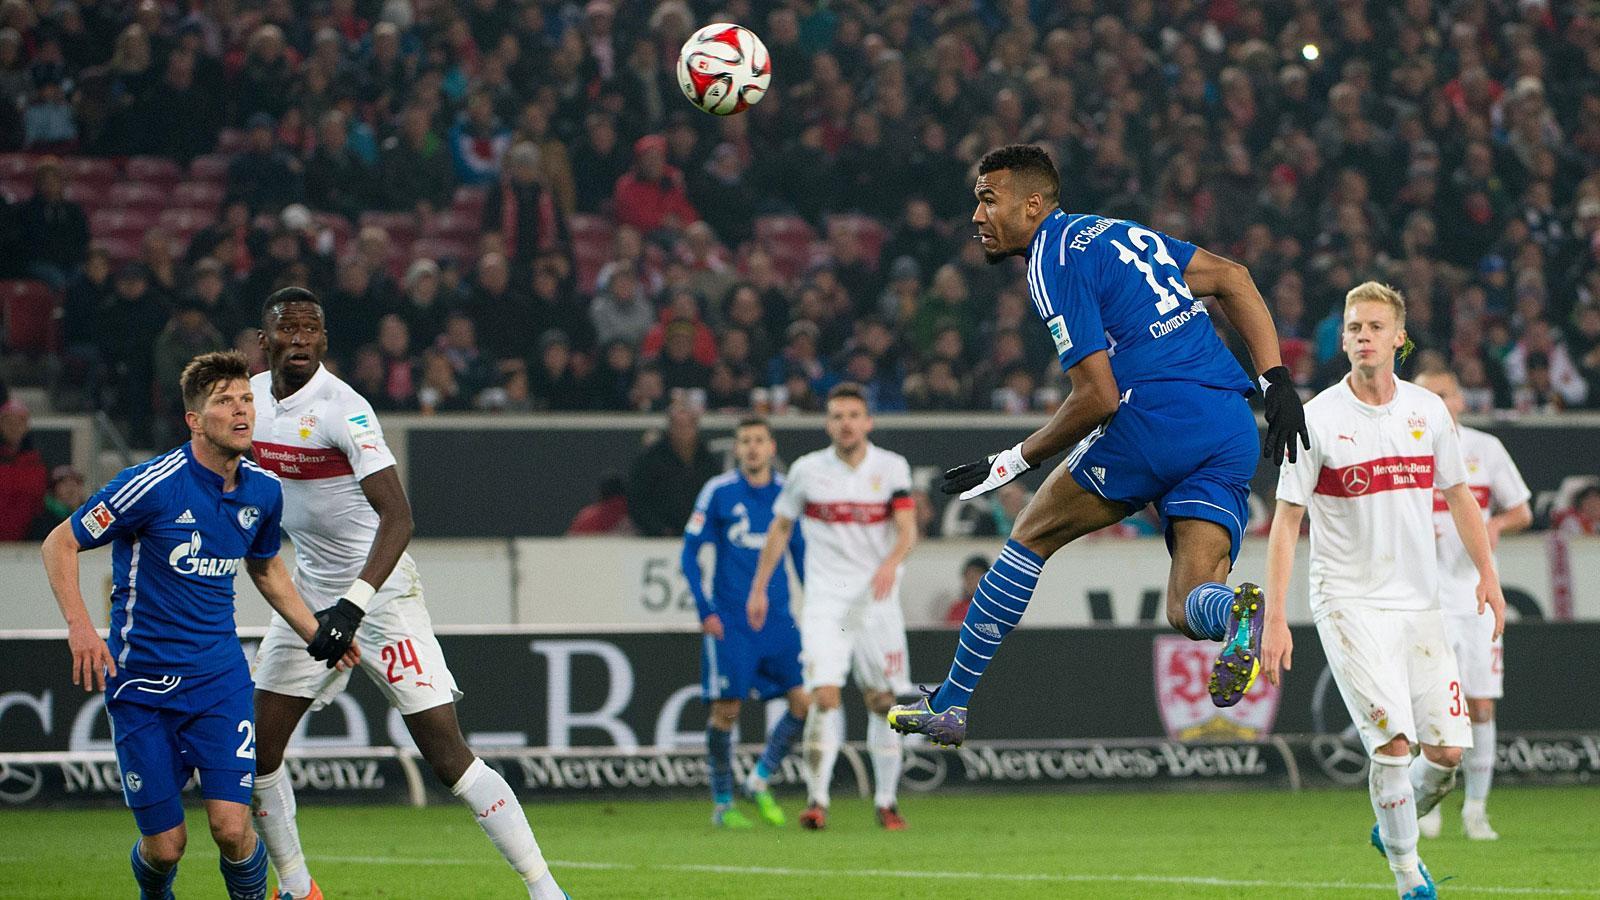 VfB Stuttgart vs Schalke 04